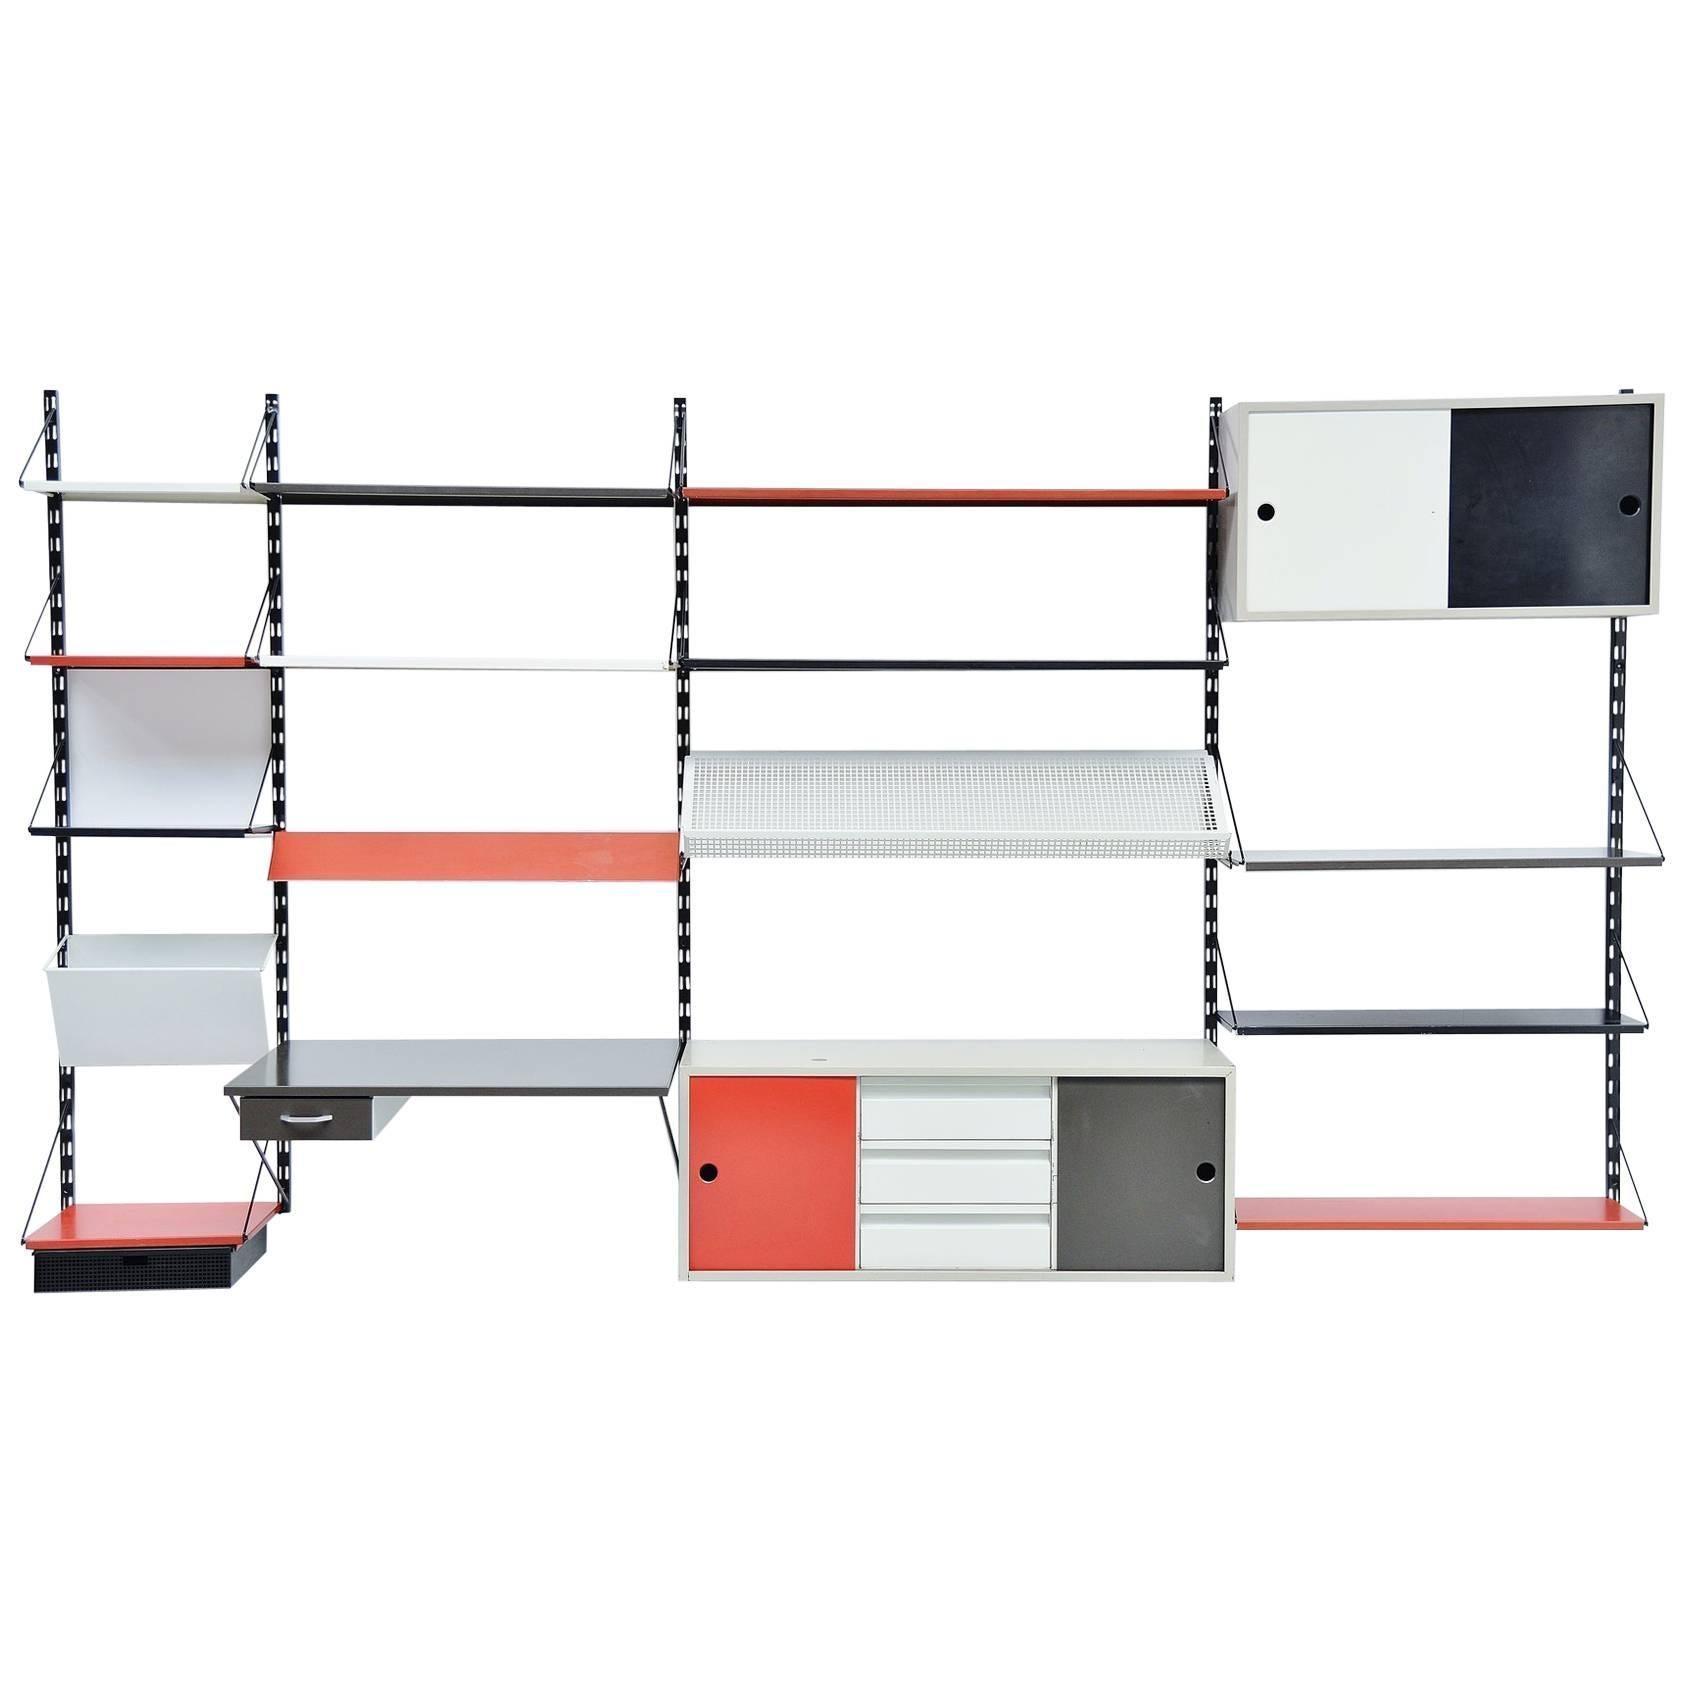 pilastro shelving unit by tjerk reijenga holland dieter rams 606 universal shelving system vitsoe